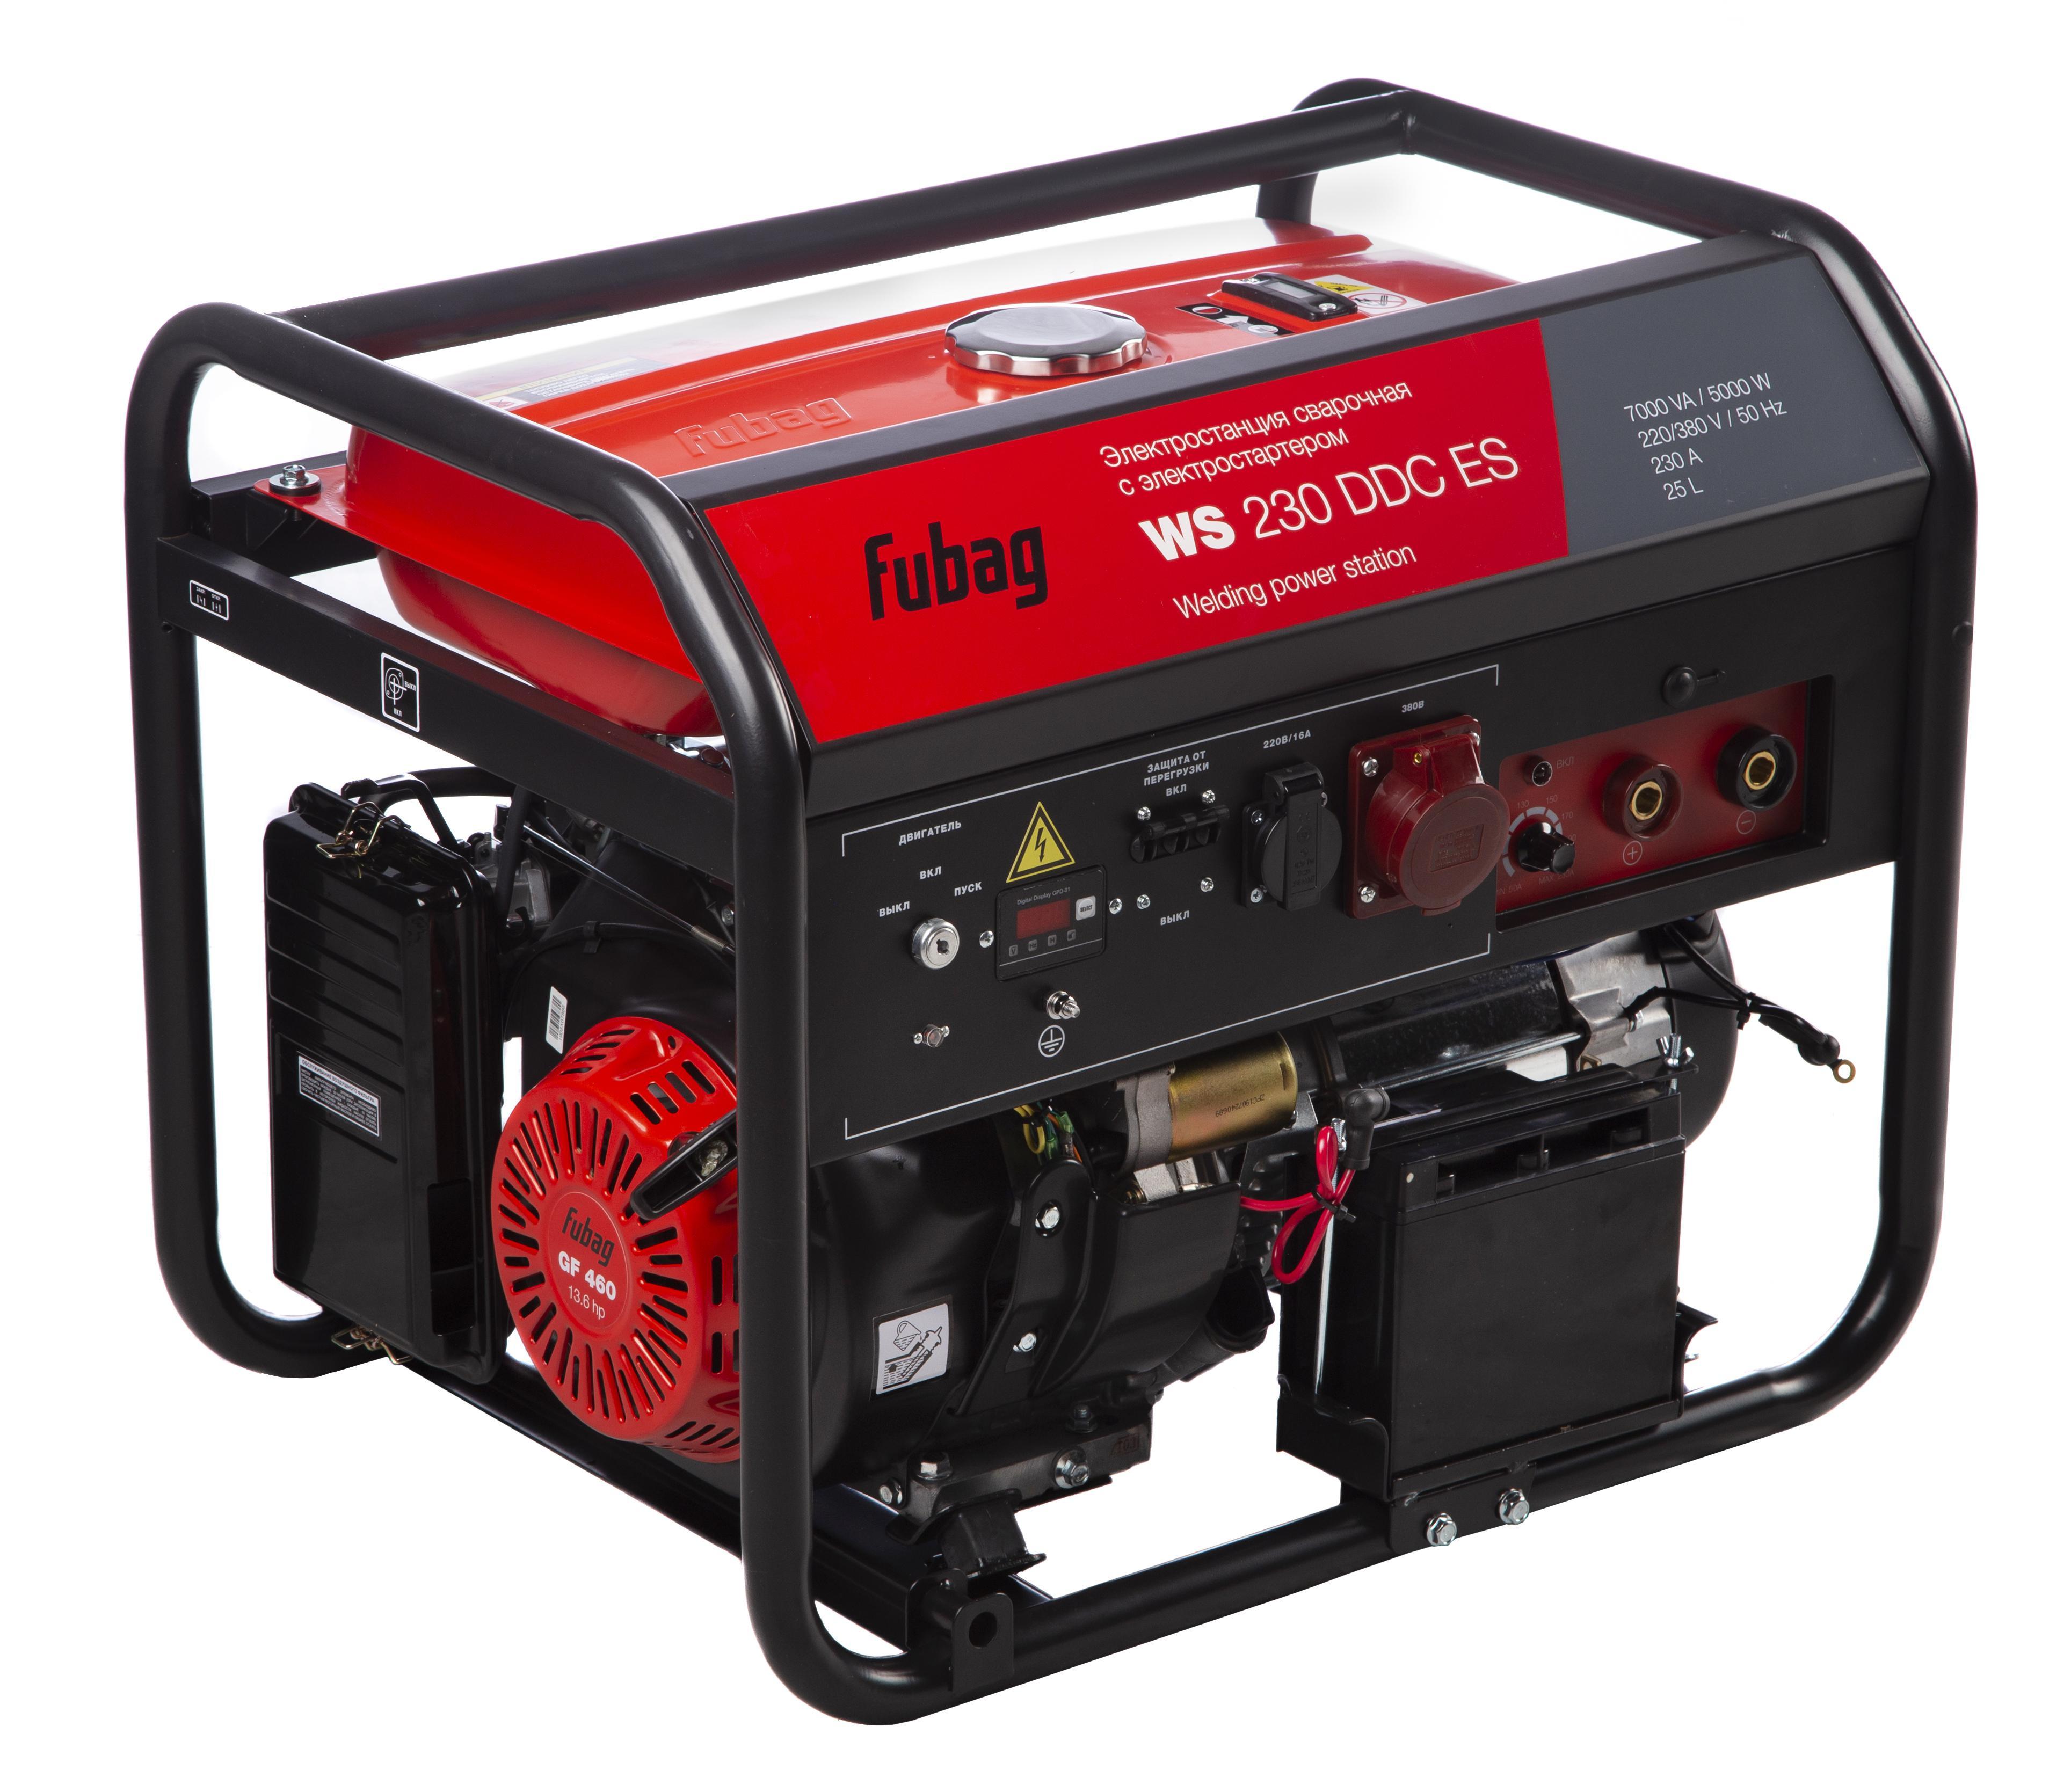 Бензиновый генератор Fubag Ws 230 ddc es электростанция сварочная ws 230 ddc es бензиновая 380 220в